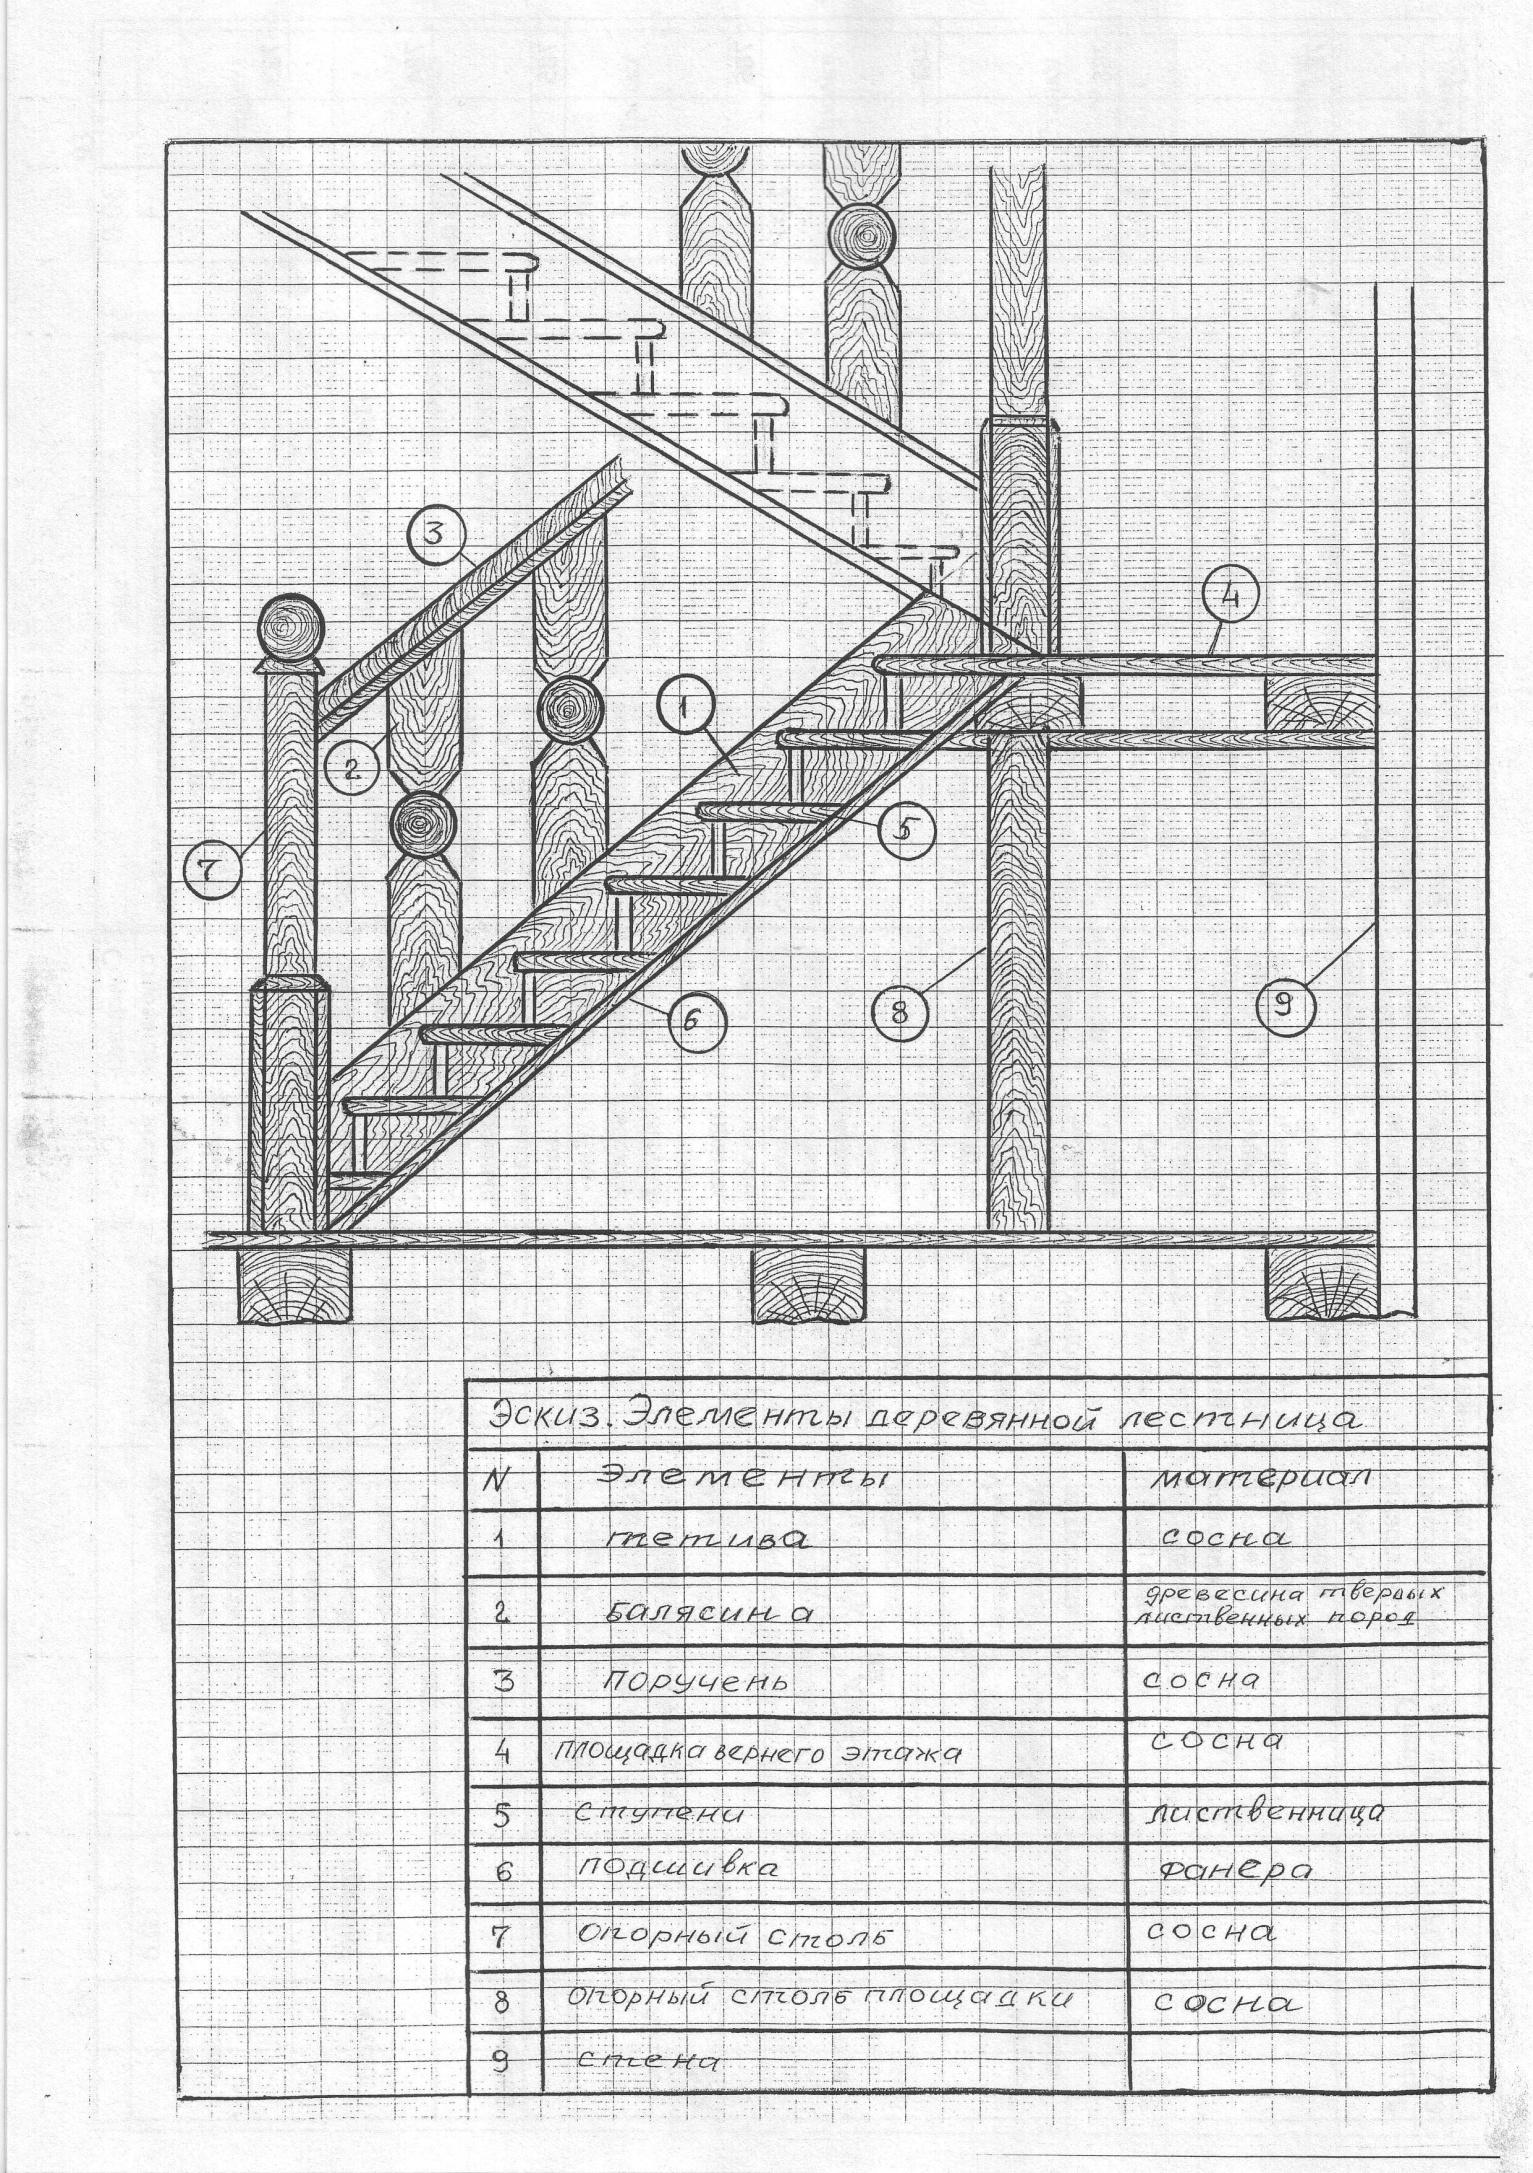 F:\изделия и эскизы\10- 12 класс\Эскизы\Image0021.JPG